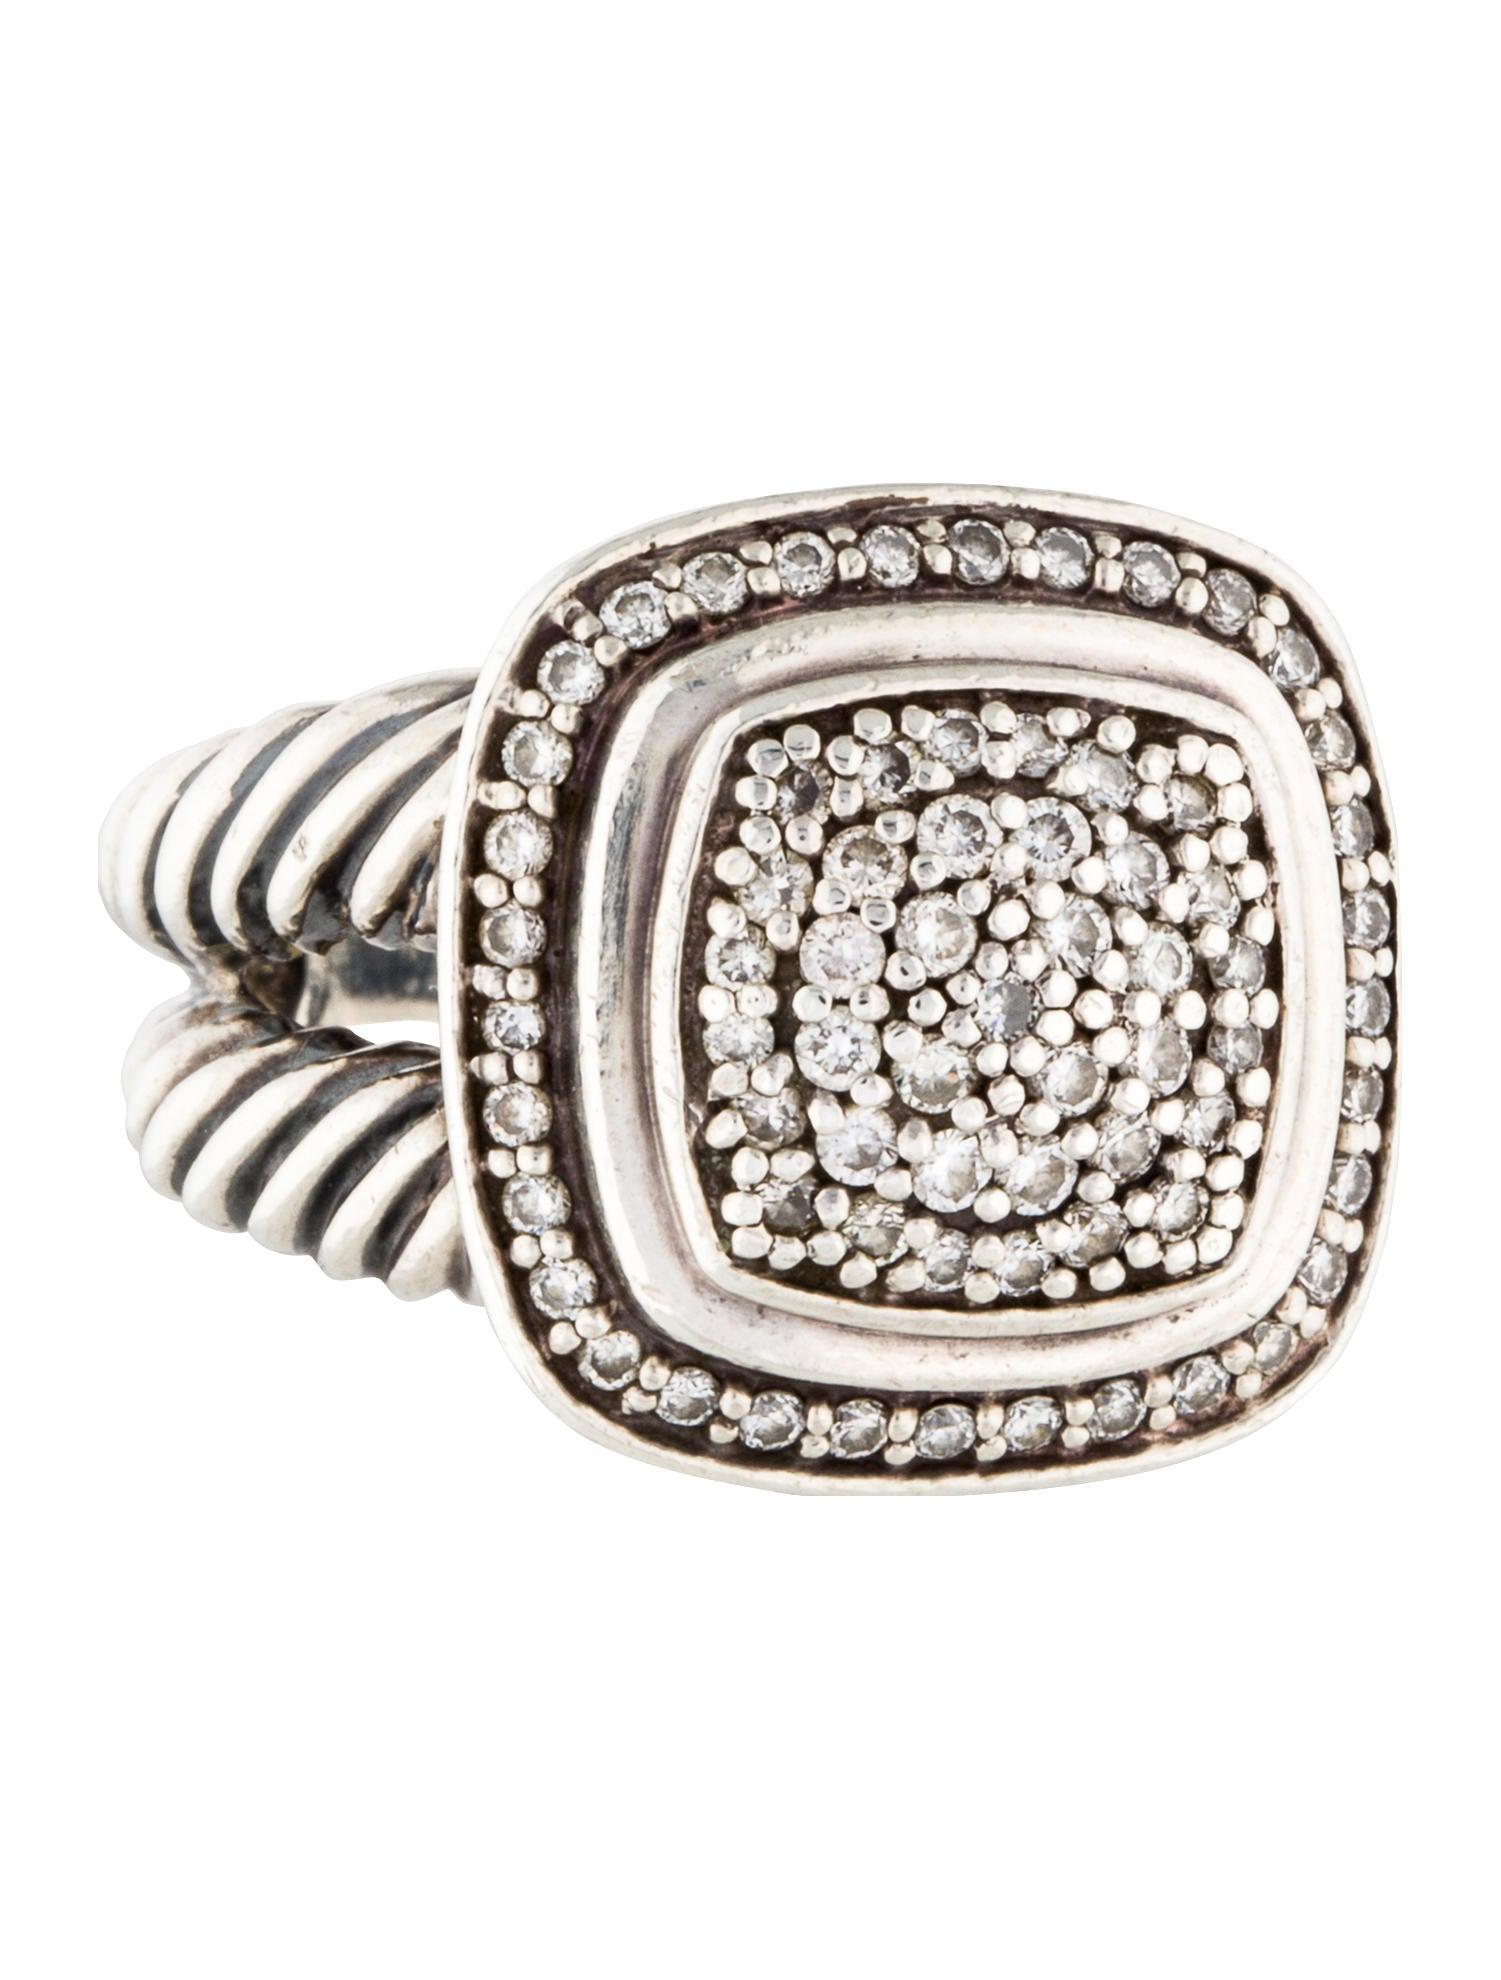 David yurman pav diamond albion ring rings dvy37673 for David yurman inspired jewelry rings